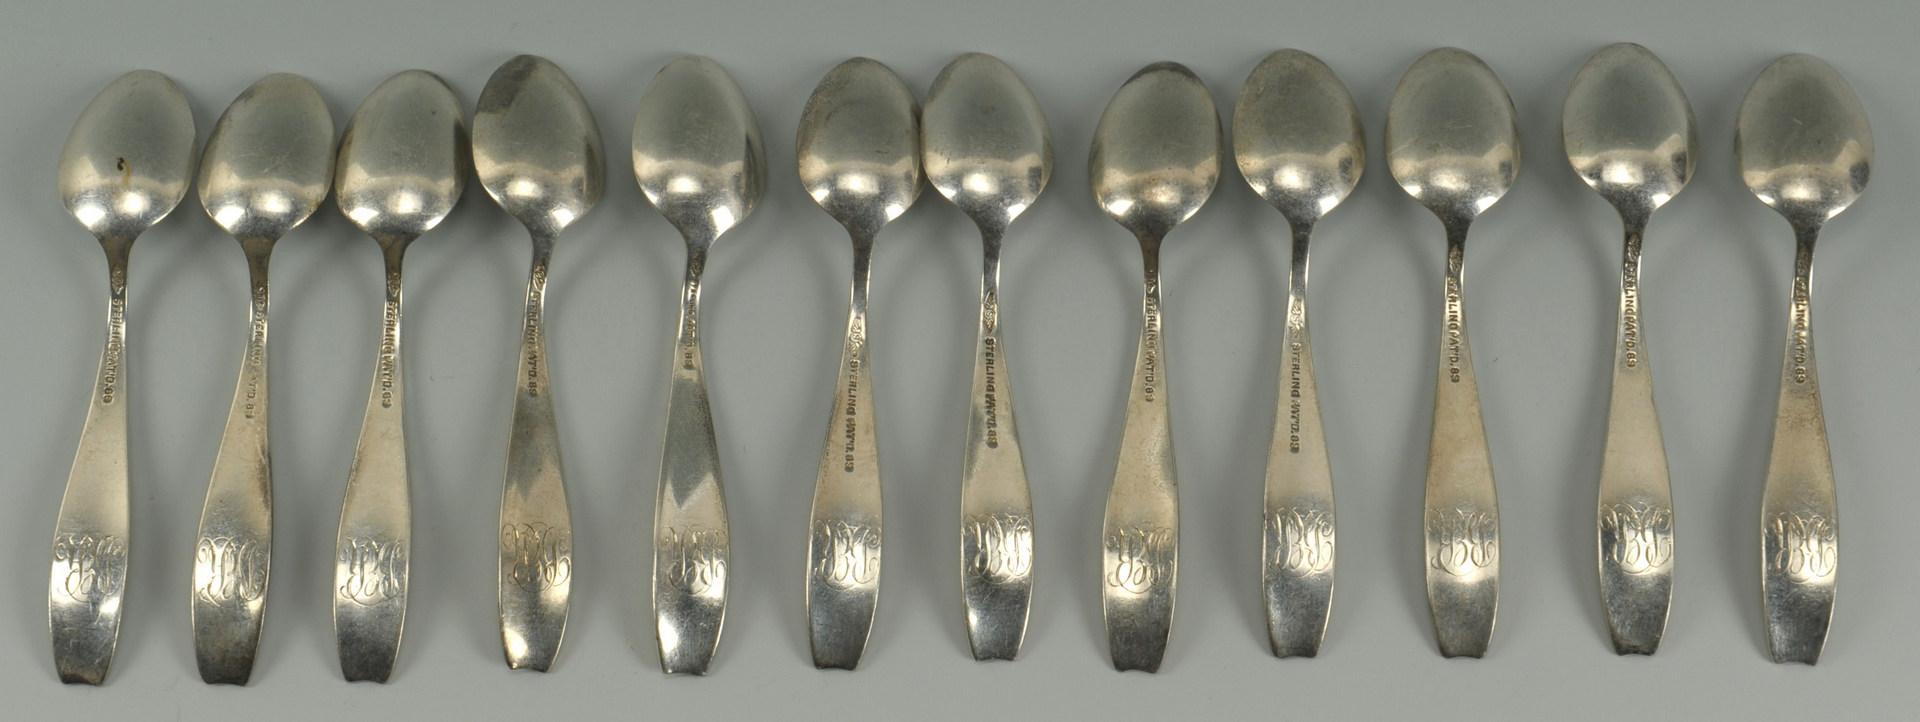 Lot 442: 12 Shiebler Flora Demitasse Spoons